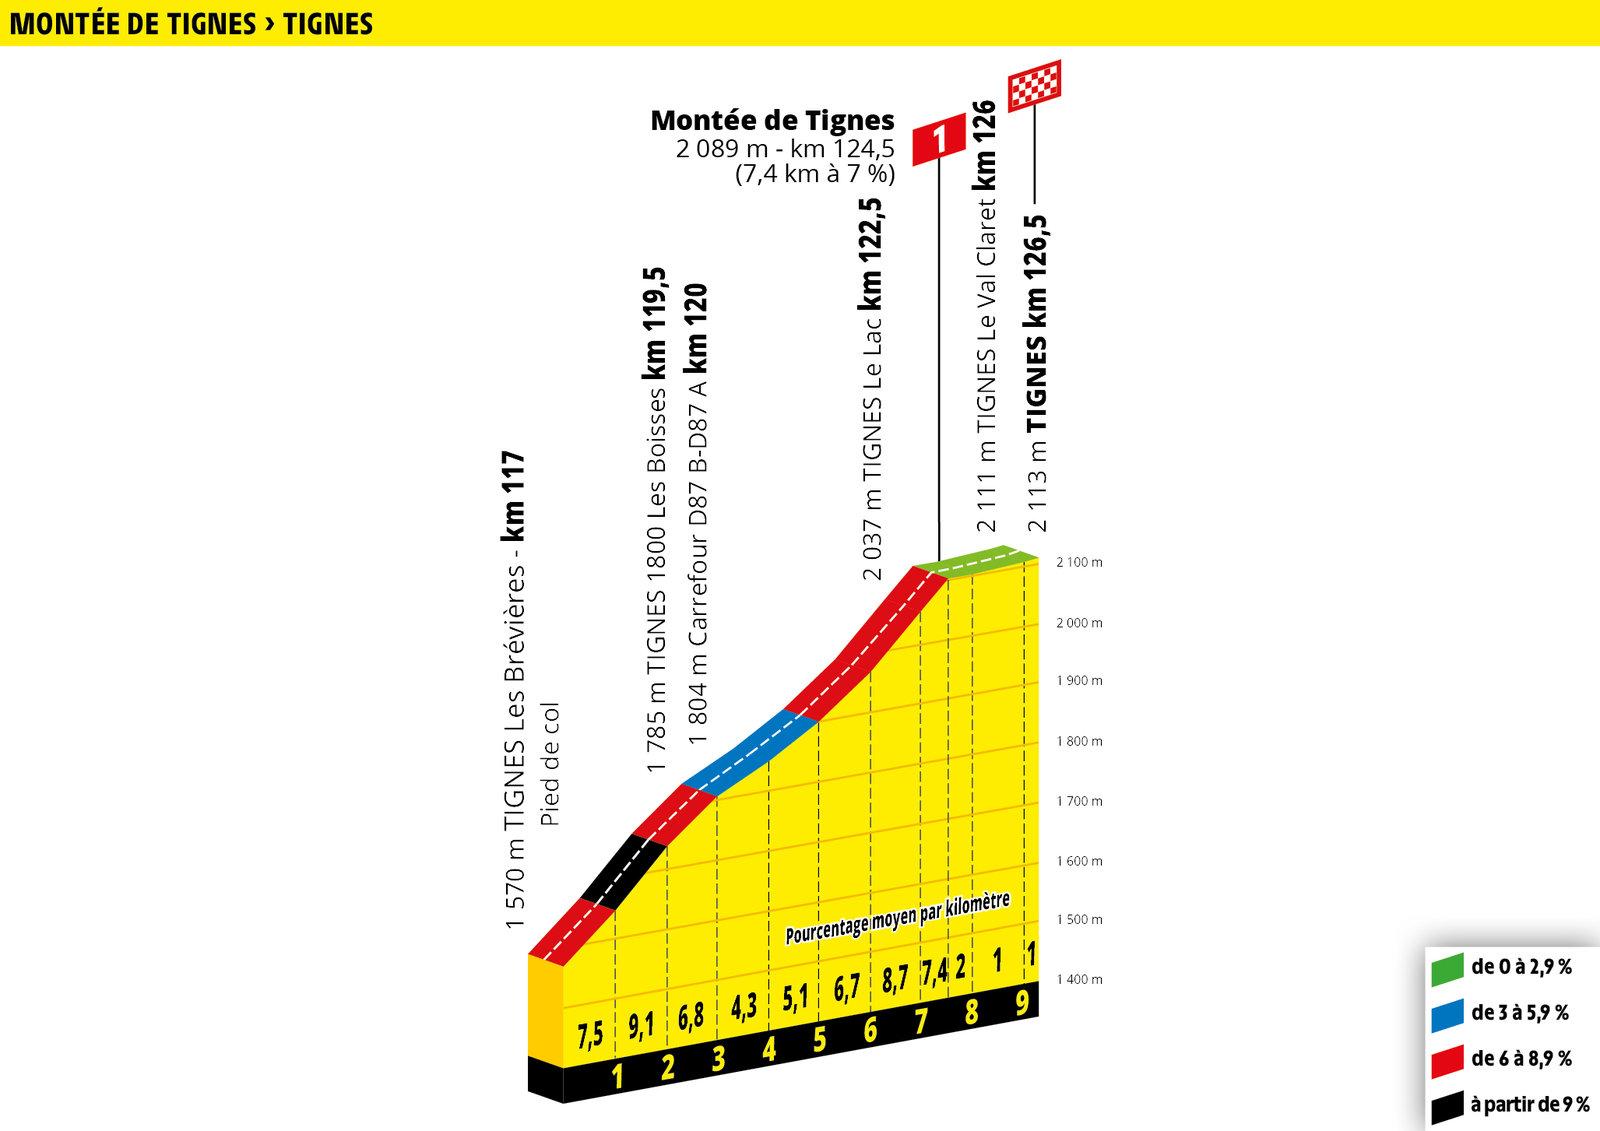 Tour de France 2019 - Page 21 19061902142479710